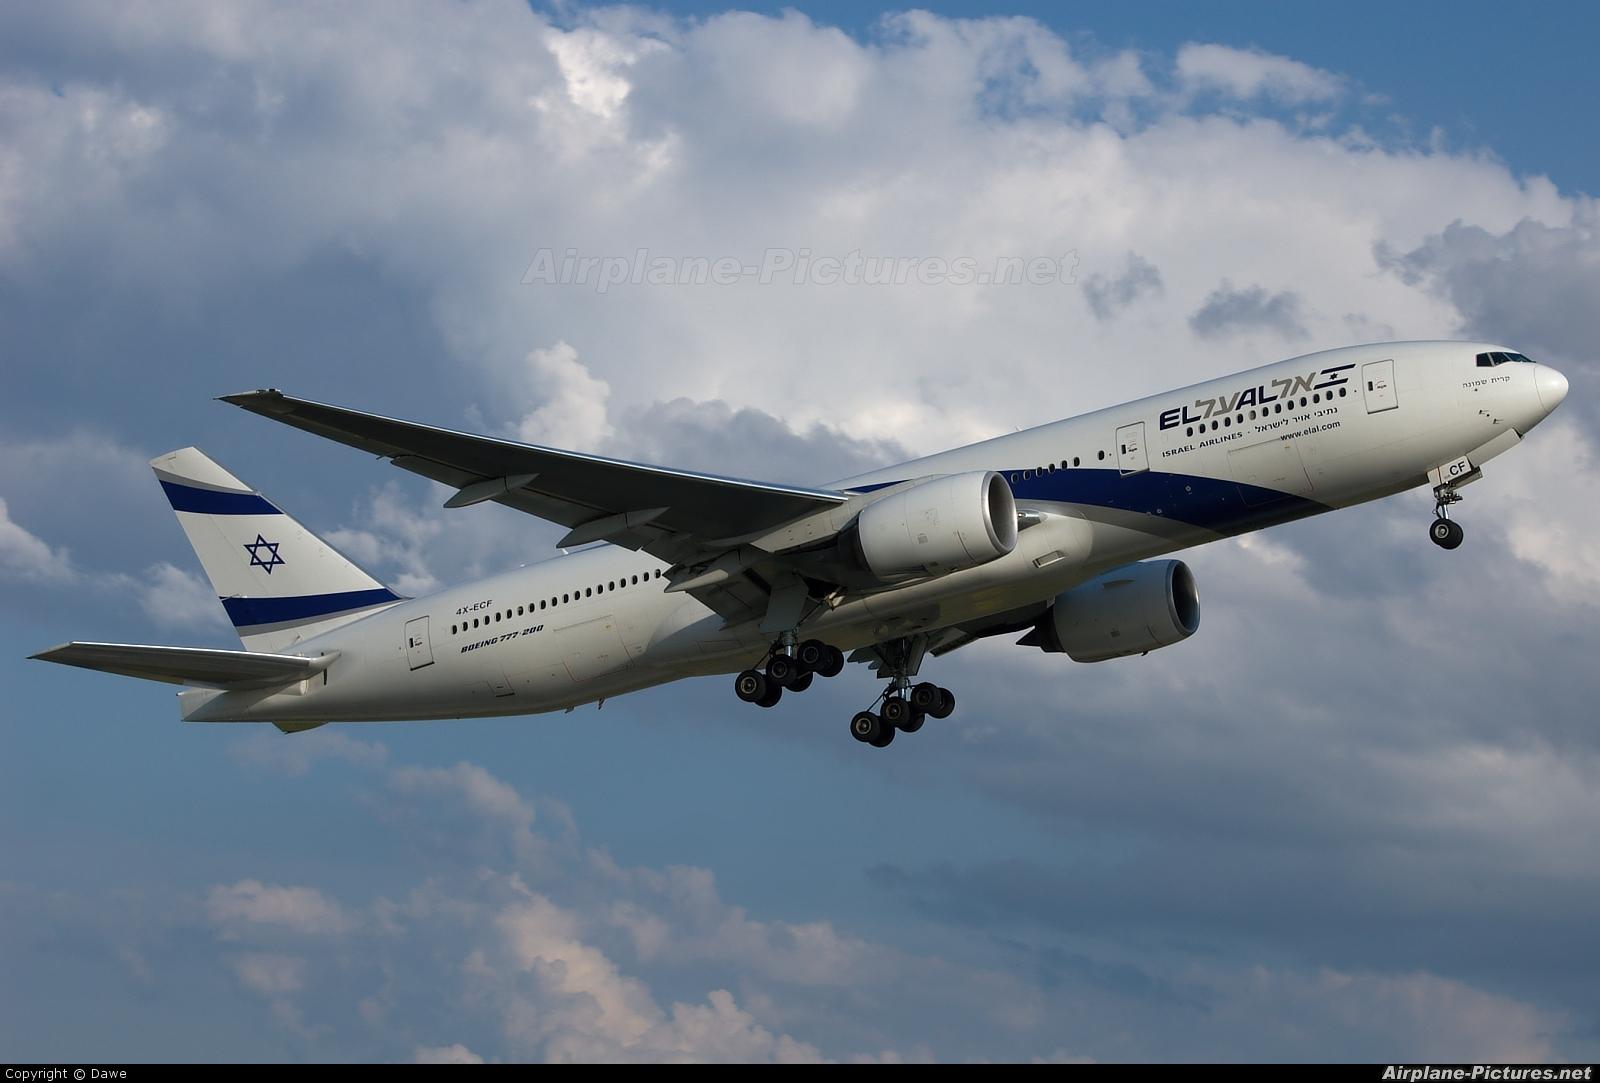 El Al Israel Airlines 4X-ECF aircraft at Prague - Václav Havel